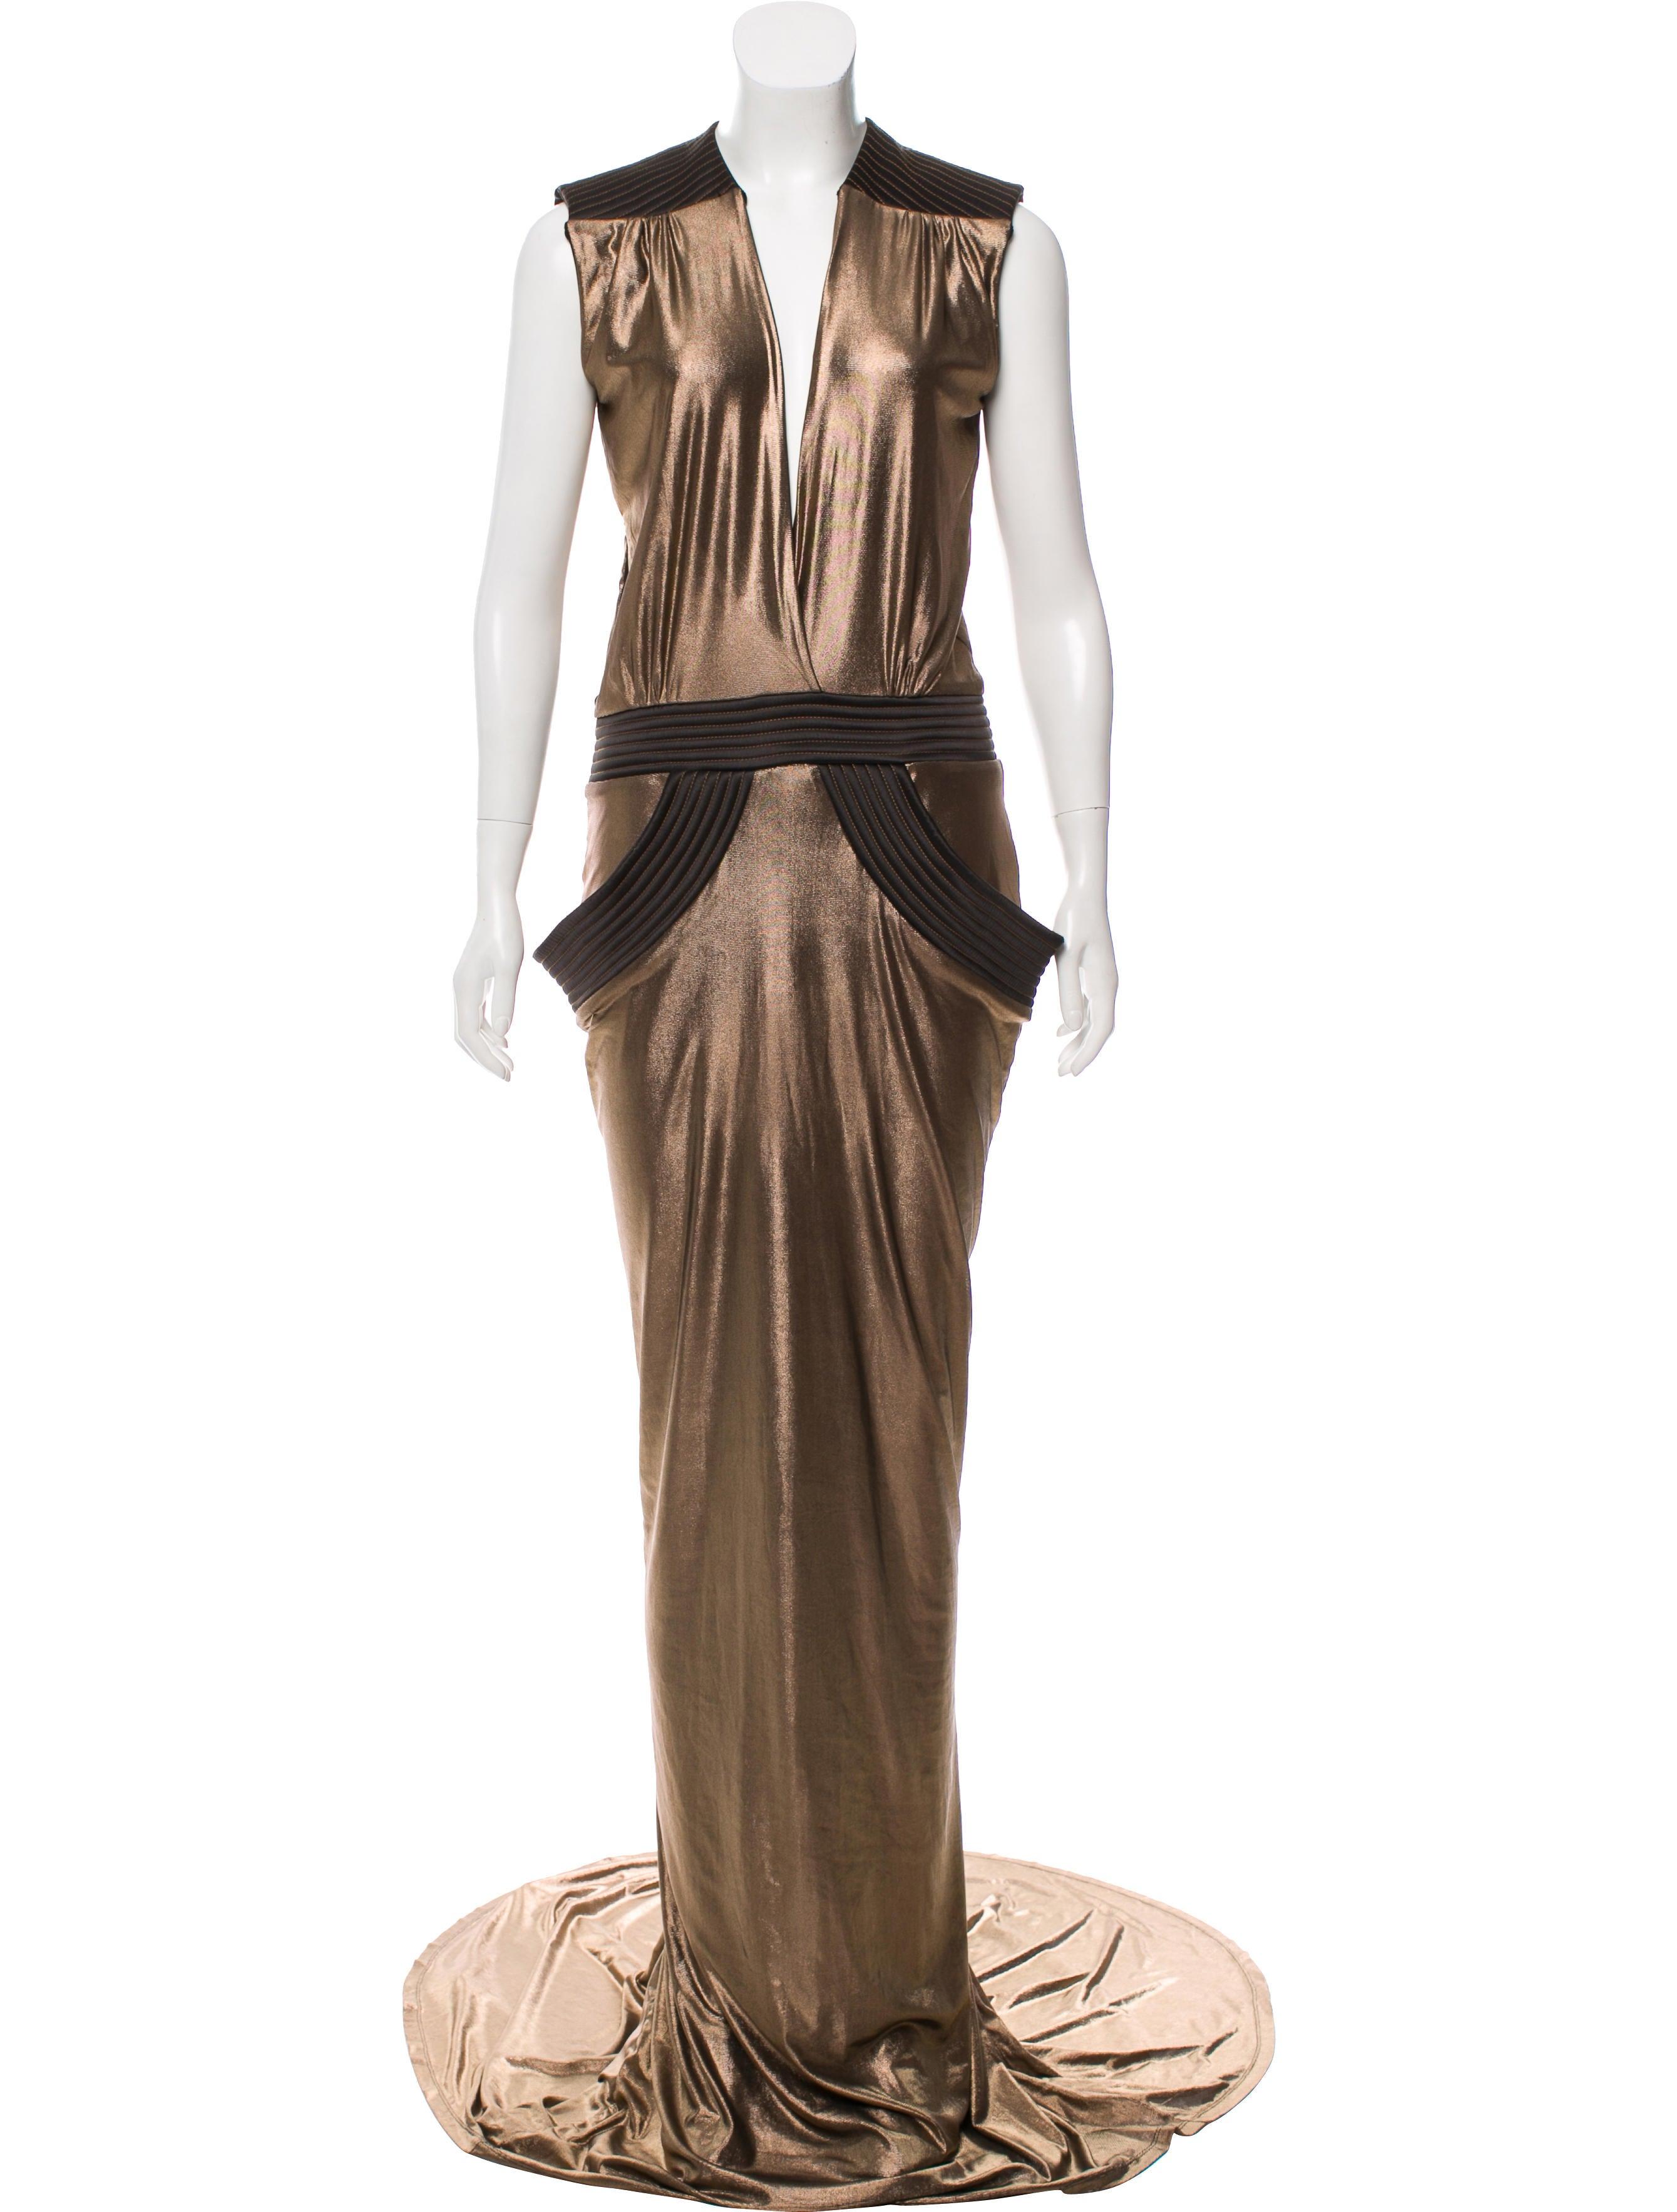 Zhivago Espionage Metallic Gown w/ Tags - Clothing - WZHIV20018 ...